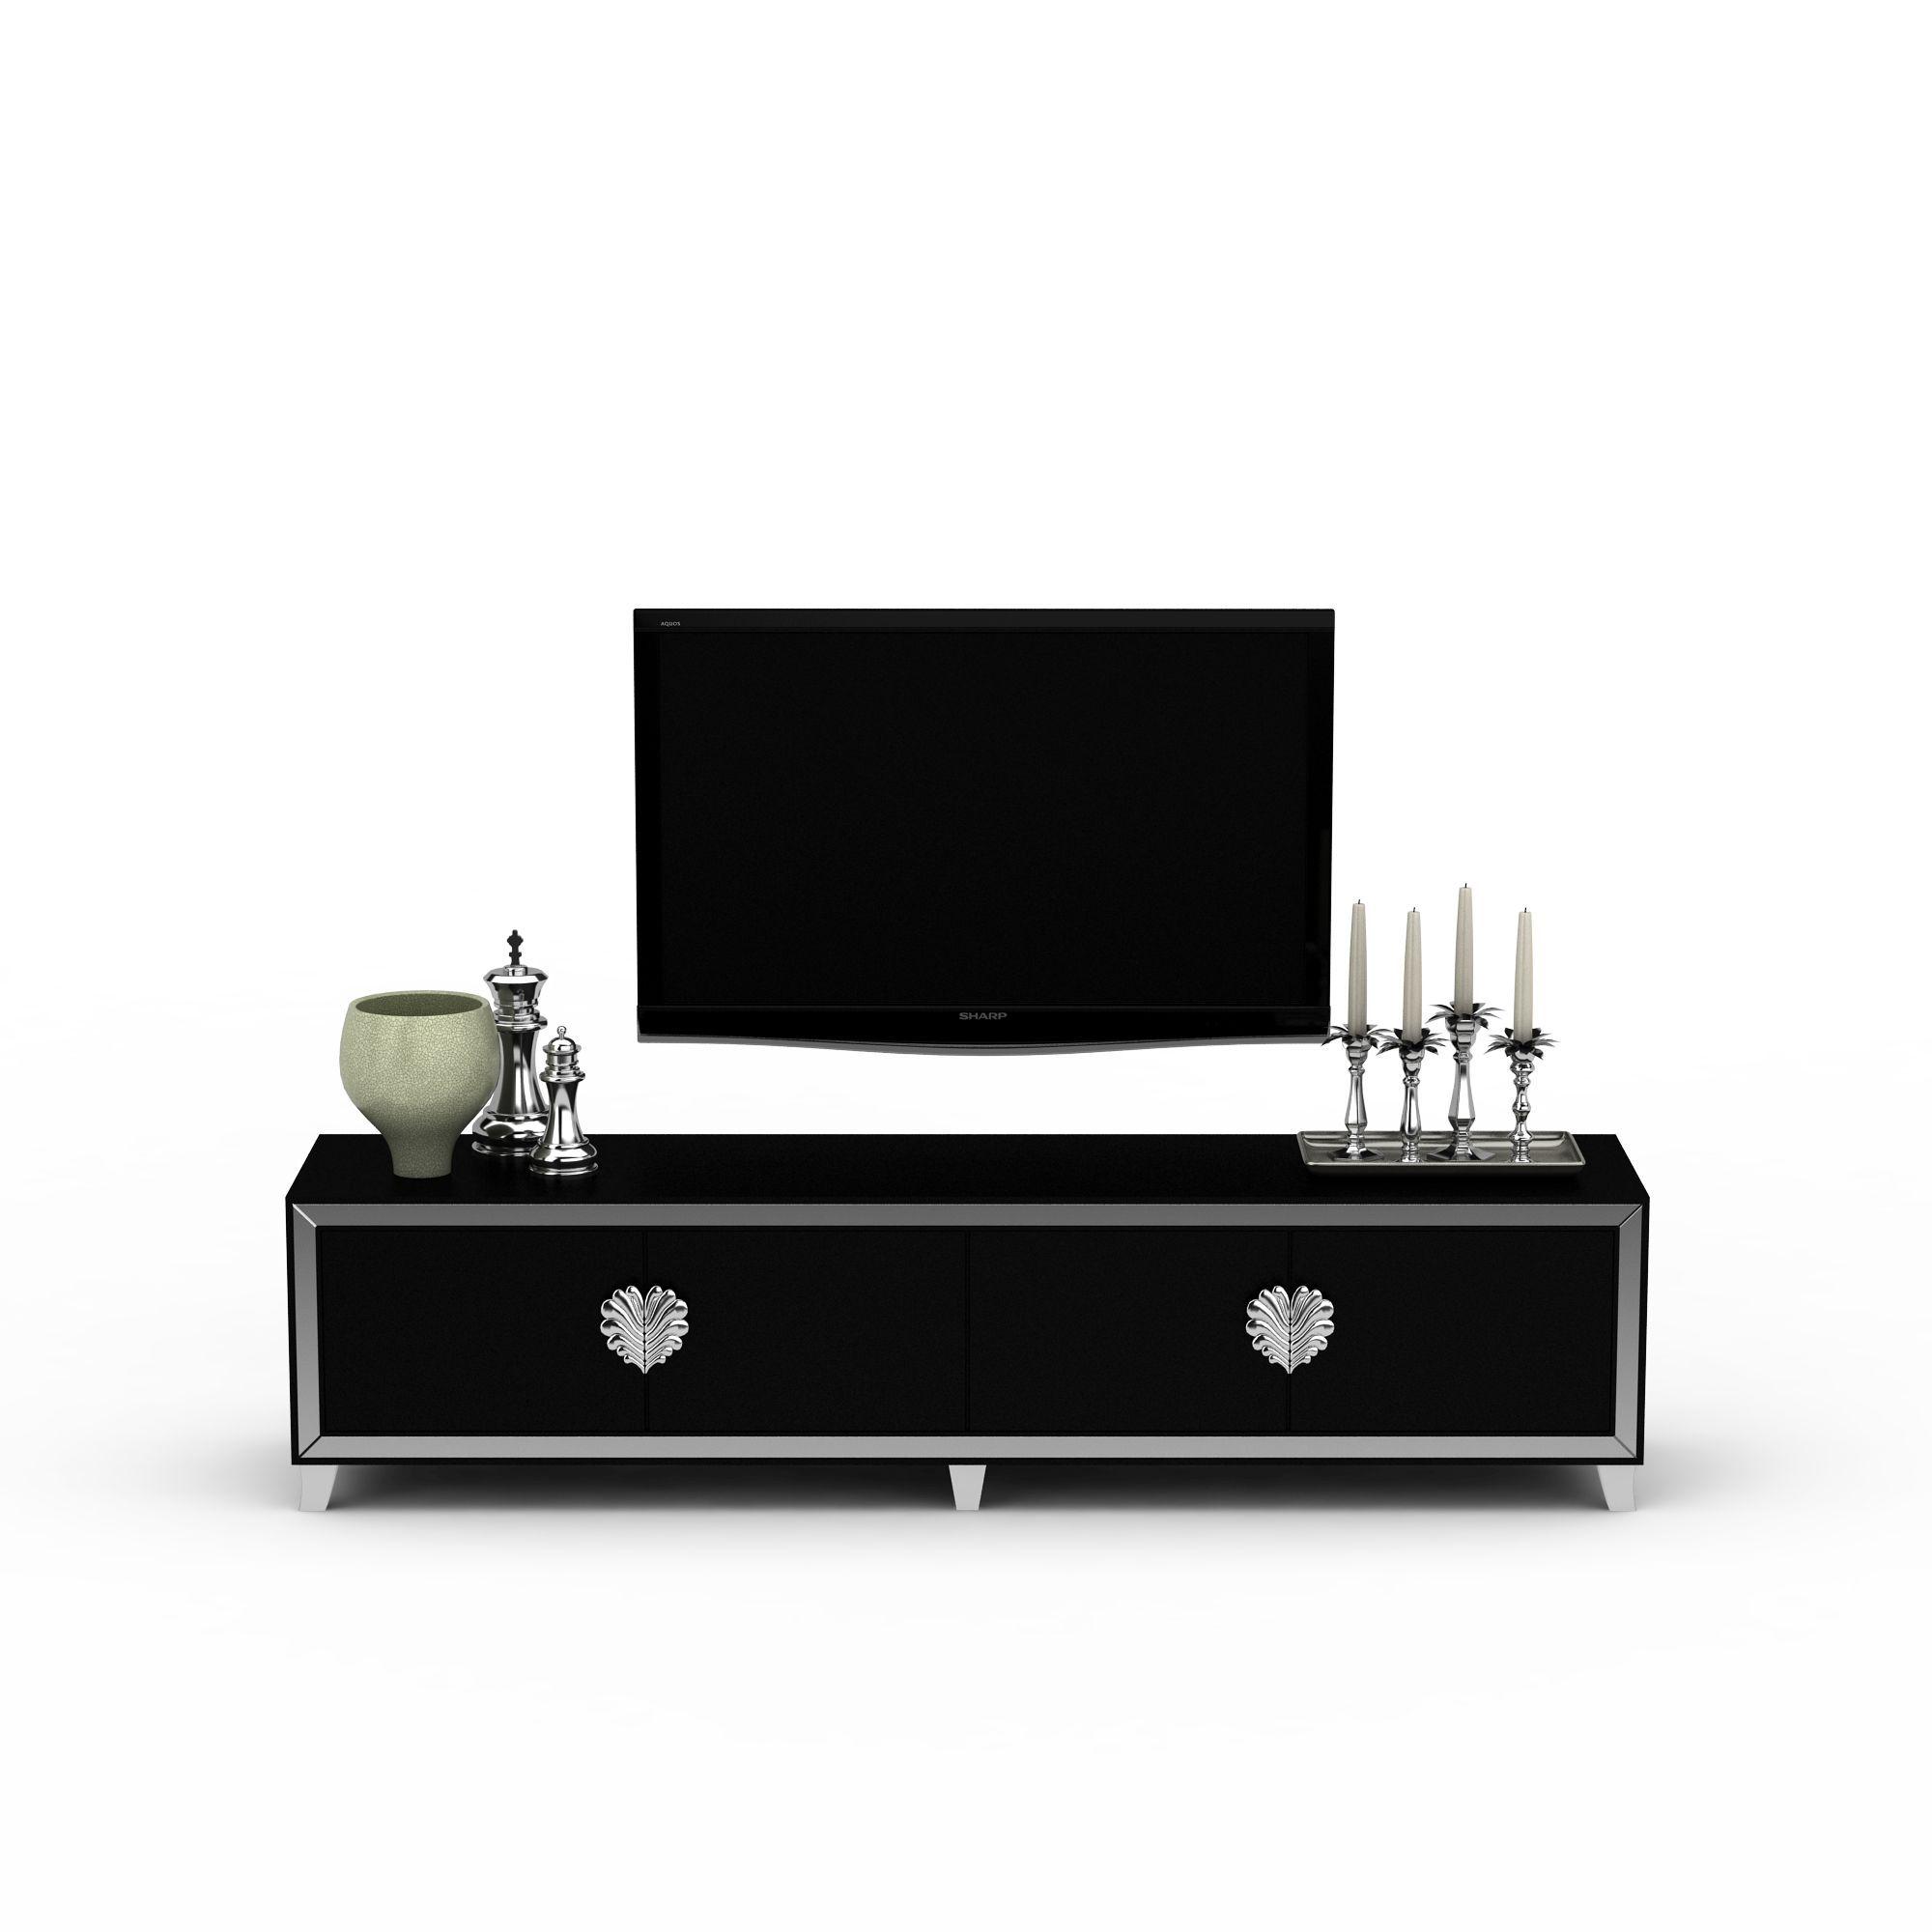 格式 png 风格 欧式 上传时间 2015/12/17  关键词:客厅电视柜3d模型